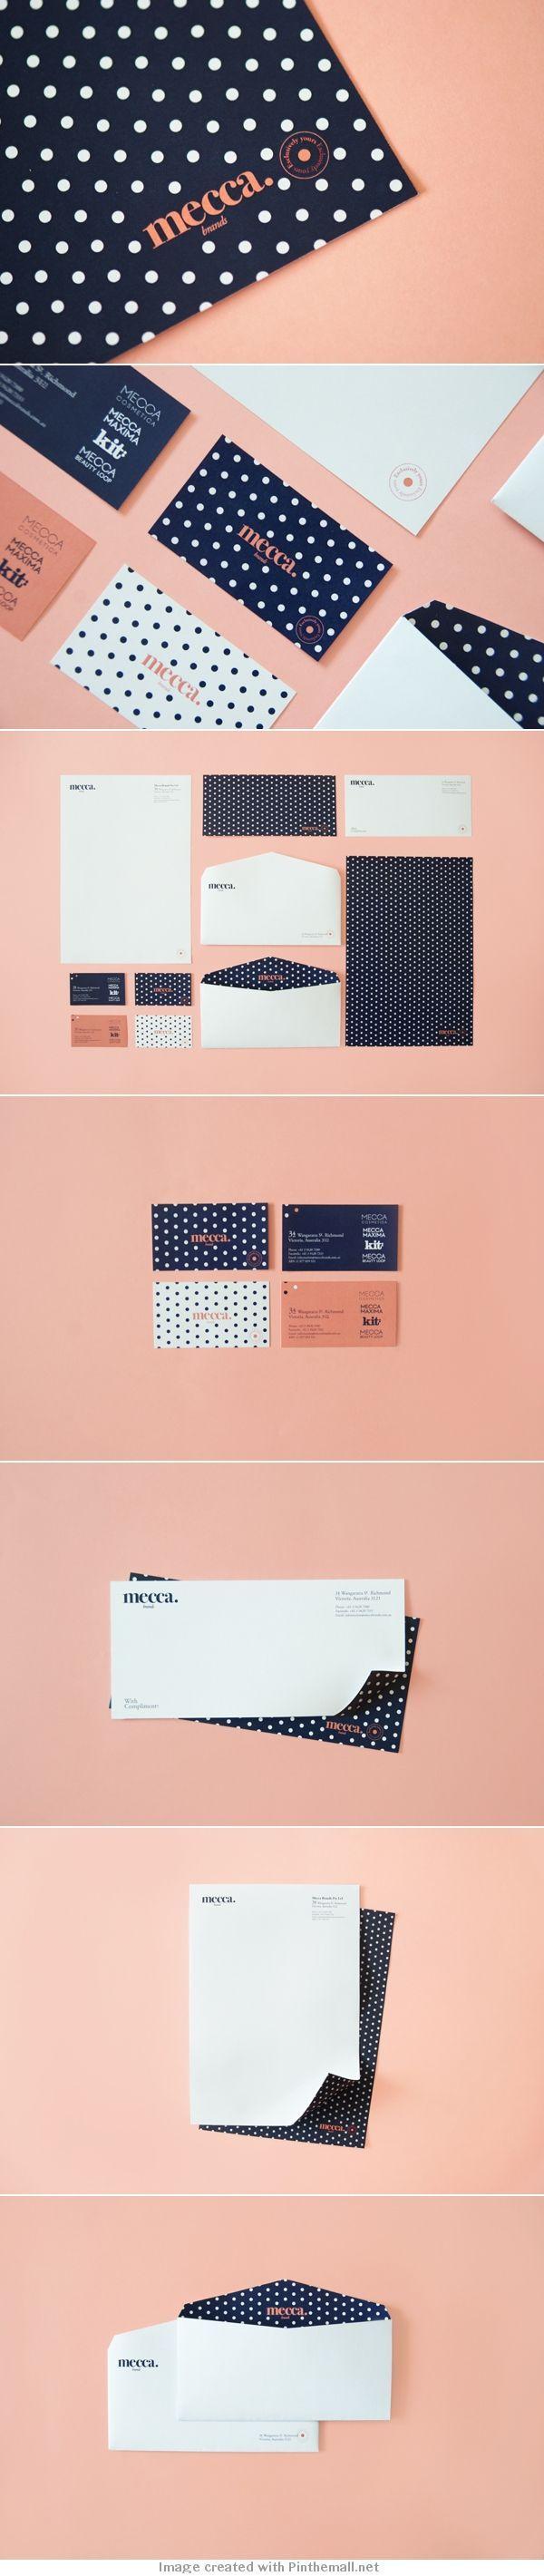 (2) Mecca #branding | Branding | Pinterest